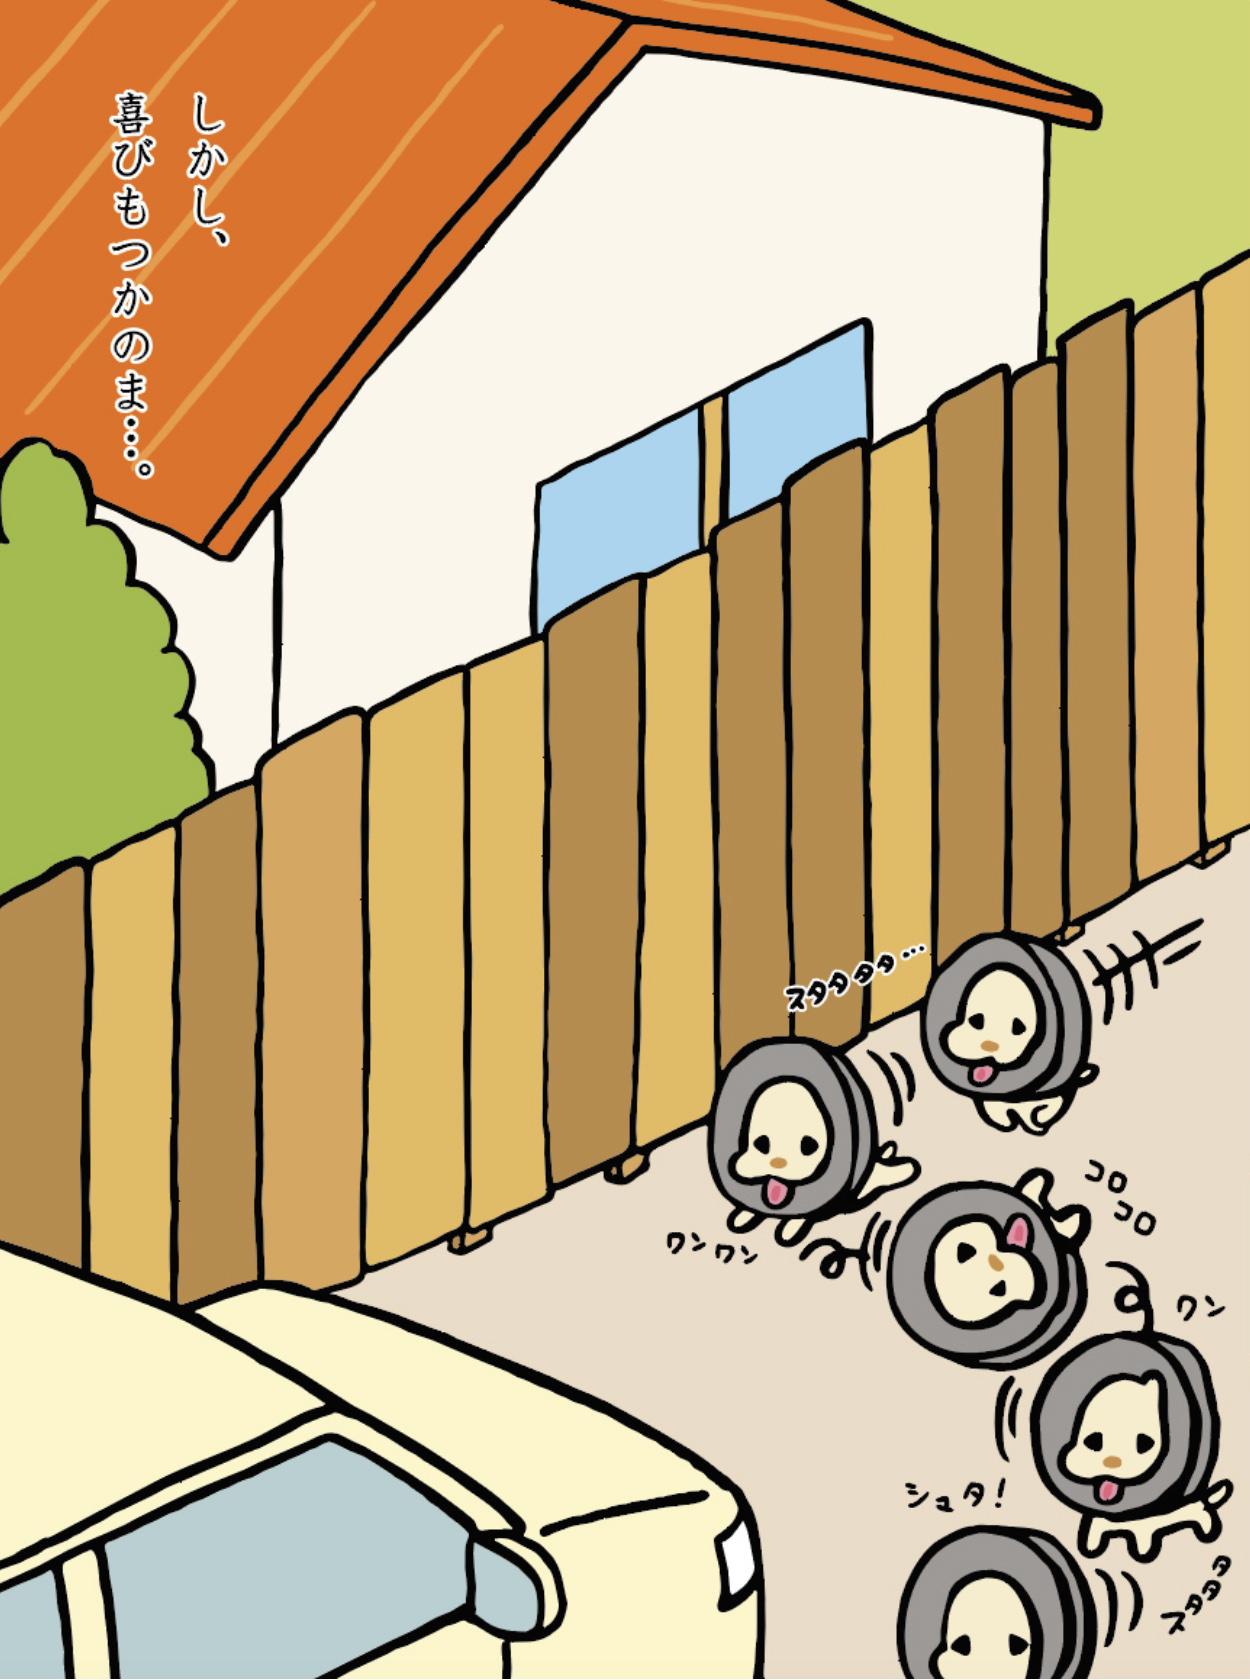 トホホな犬 「タイヤ比べ」 4コマ目